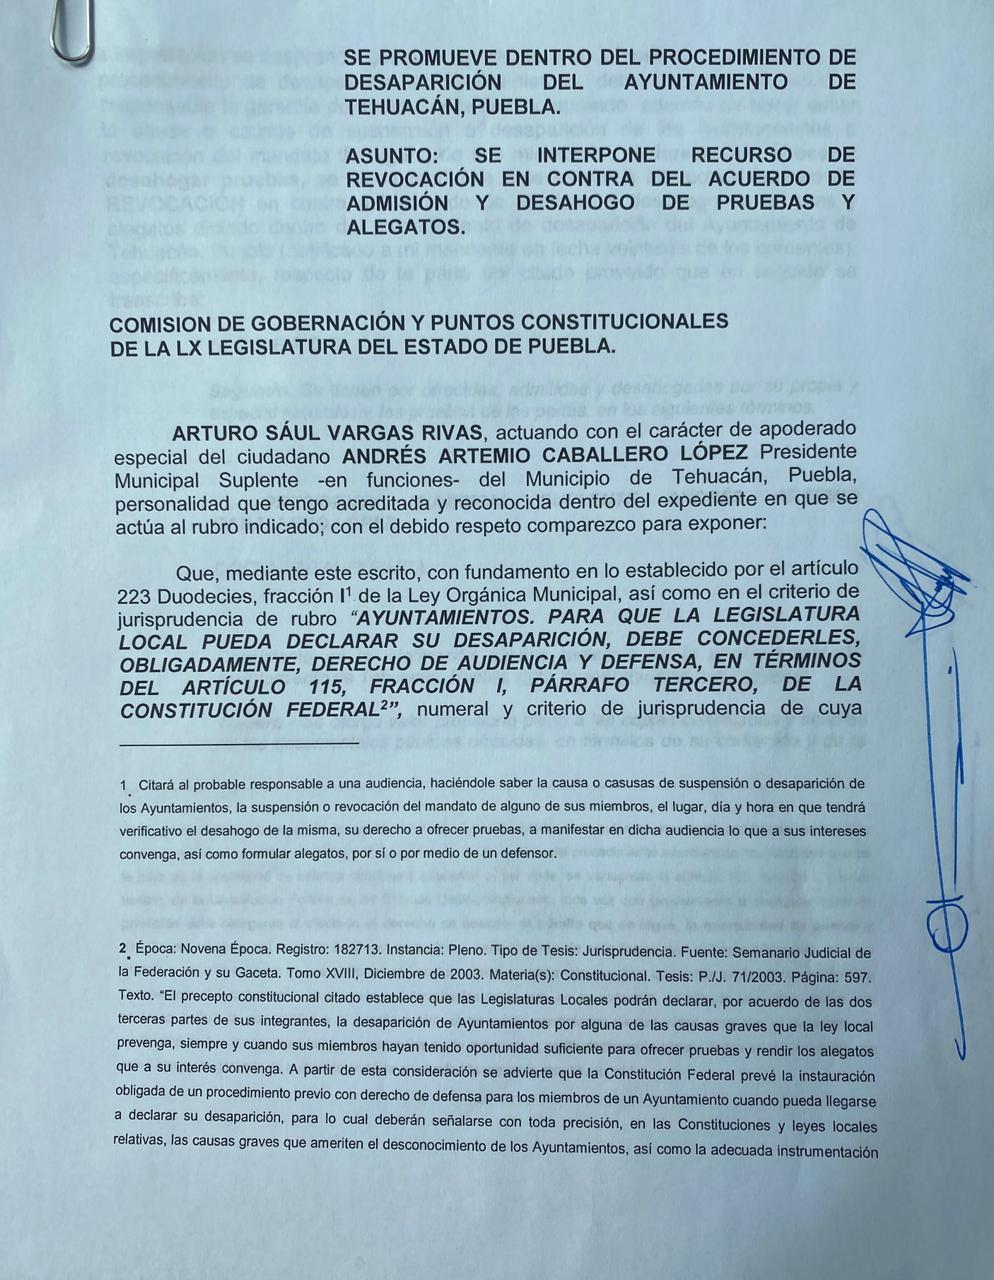 Andrés Artemio Caballero se defiende contra la disolución de su Cabildo en Tehuacán